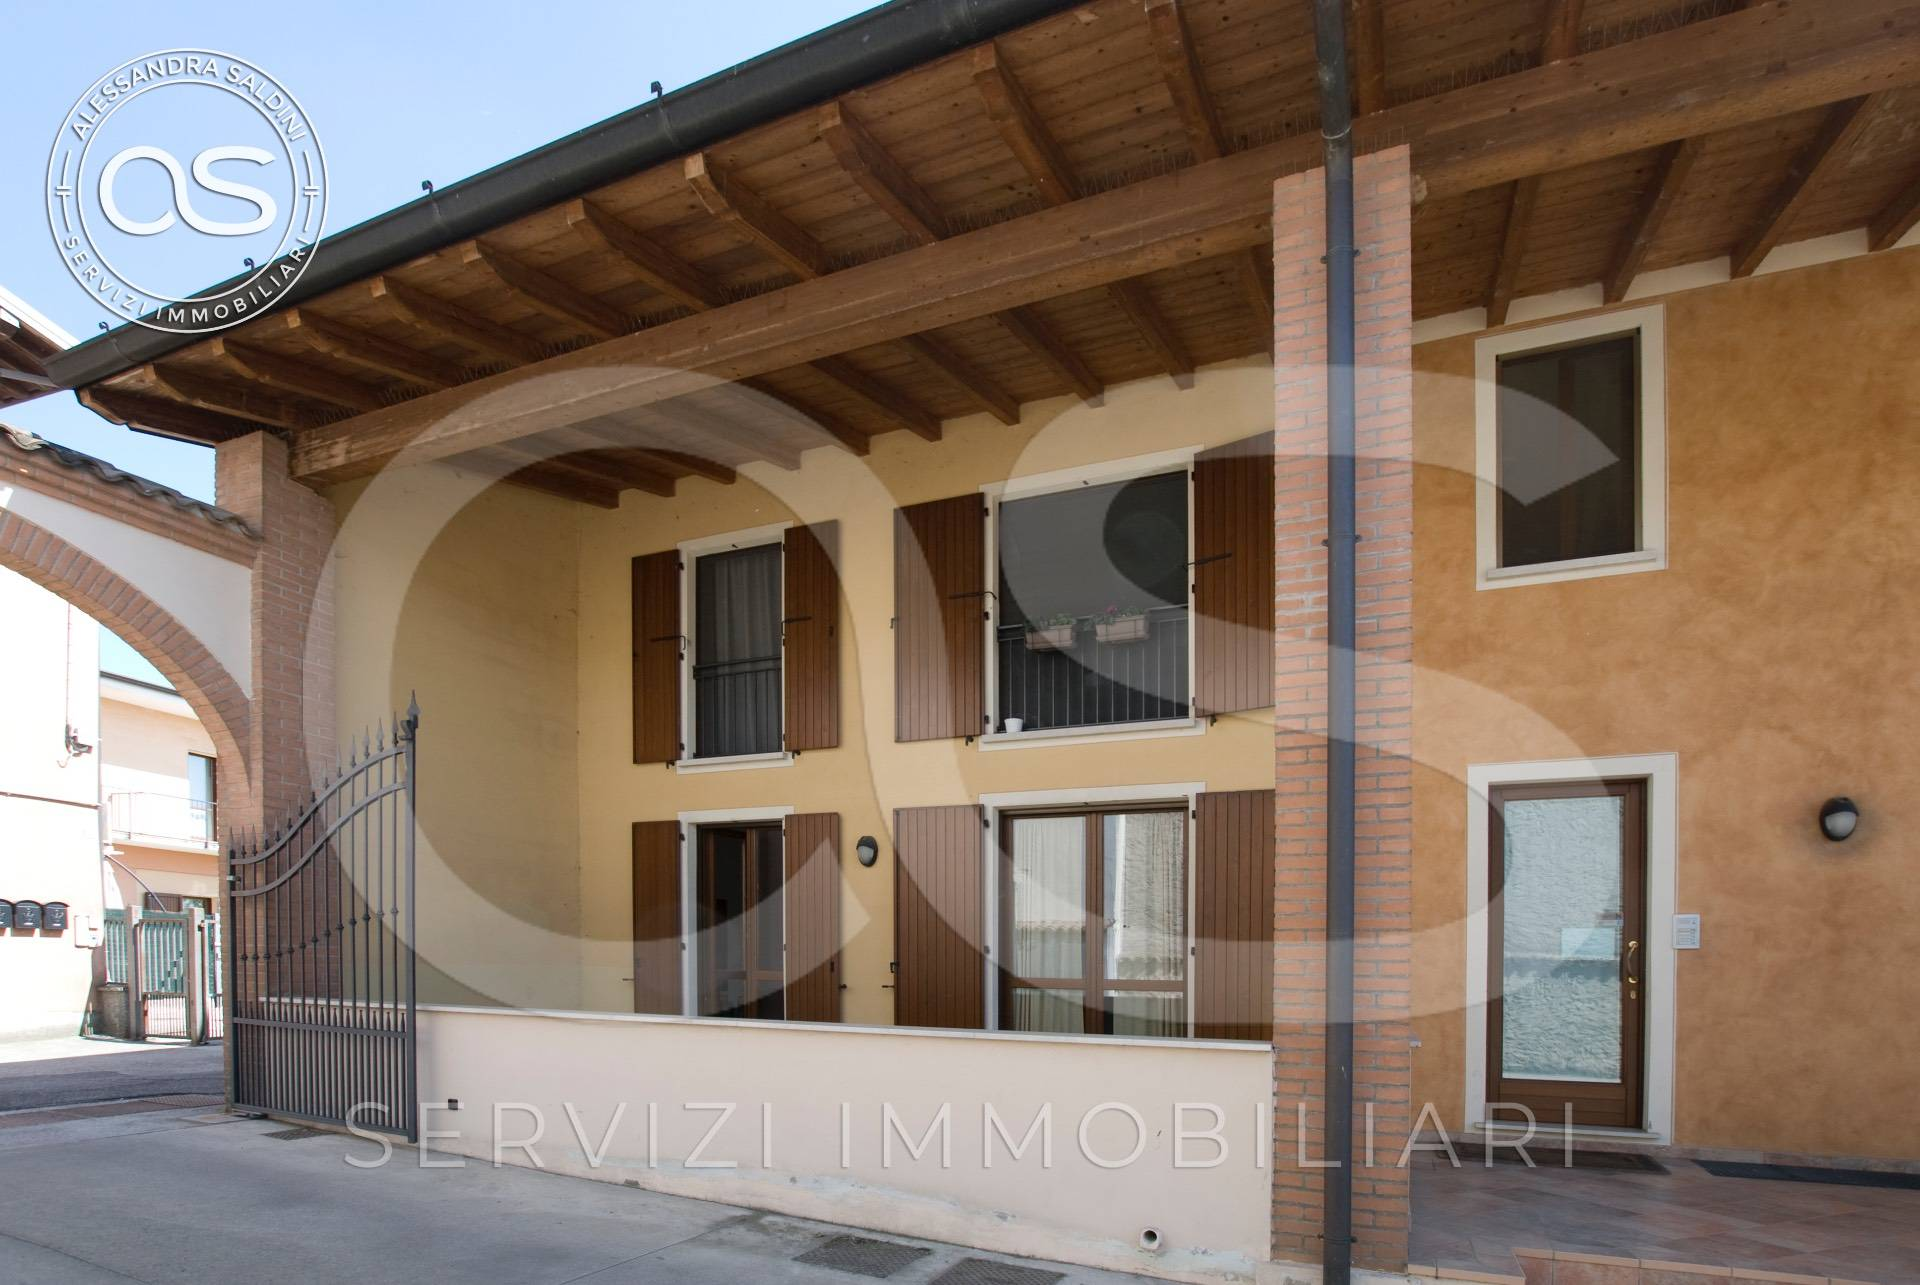 Appartamento in vendita a San Gervasio Bresciano, 3 locali, prezzo € 85.000 | PortaleAgenzieImmobiliari.it